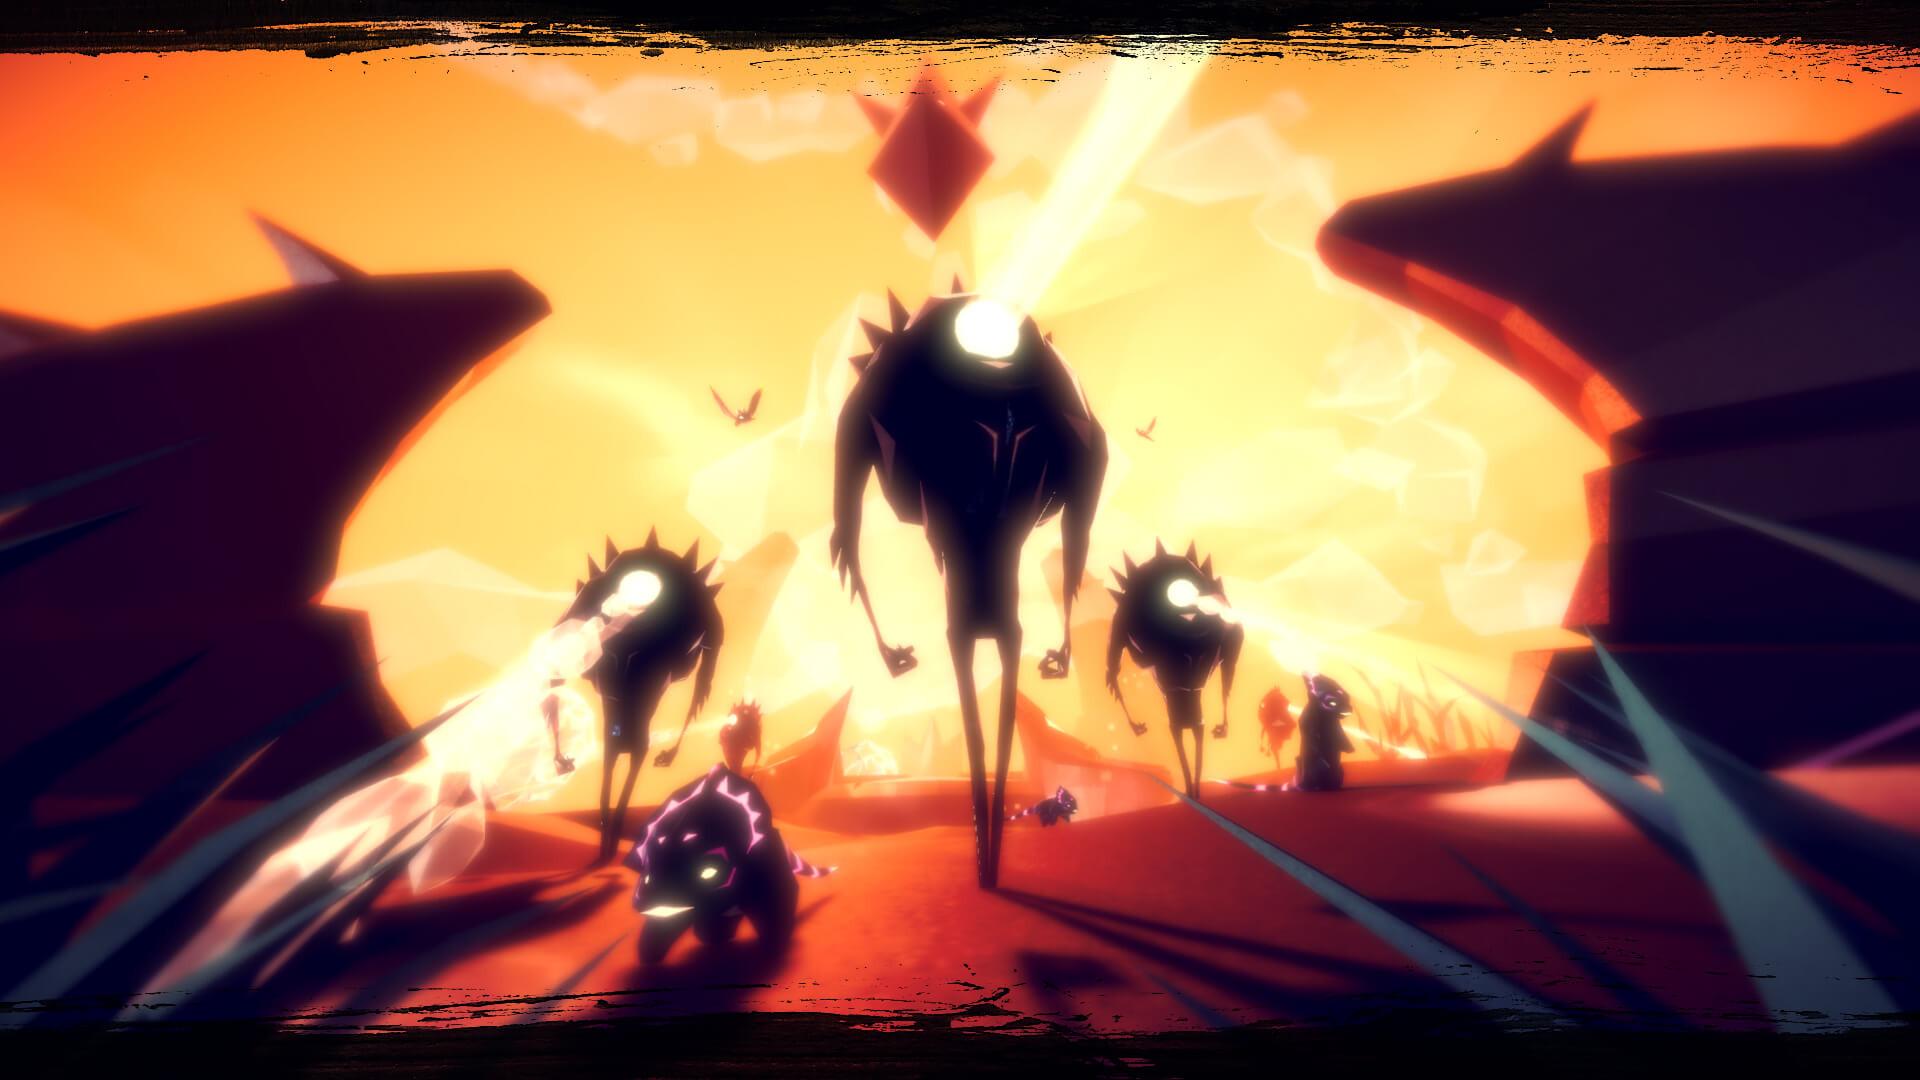 В новом геймплее FE показали взаимодействие героя с окружающей средой